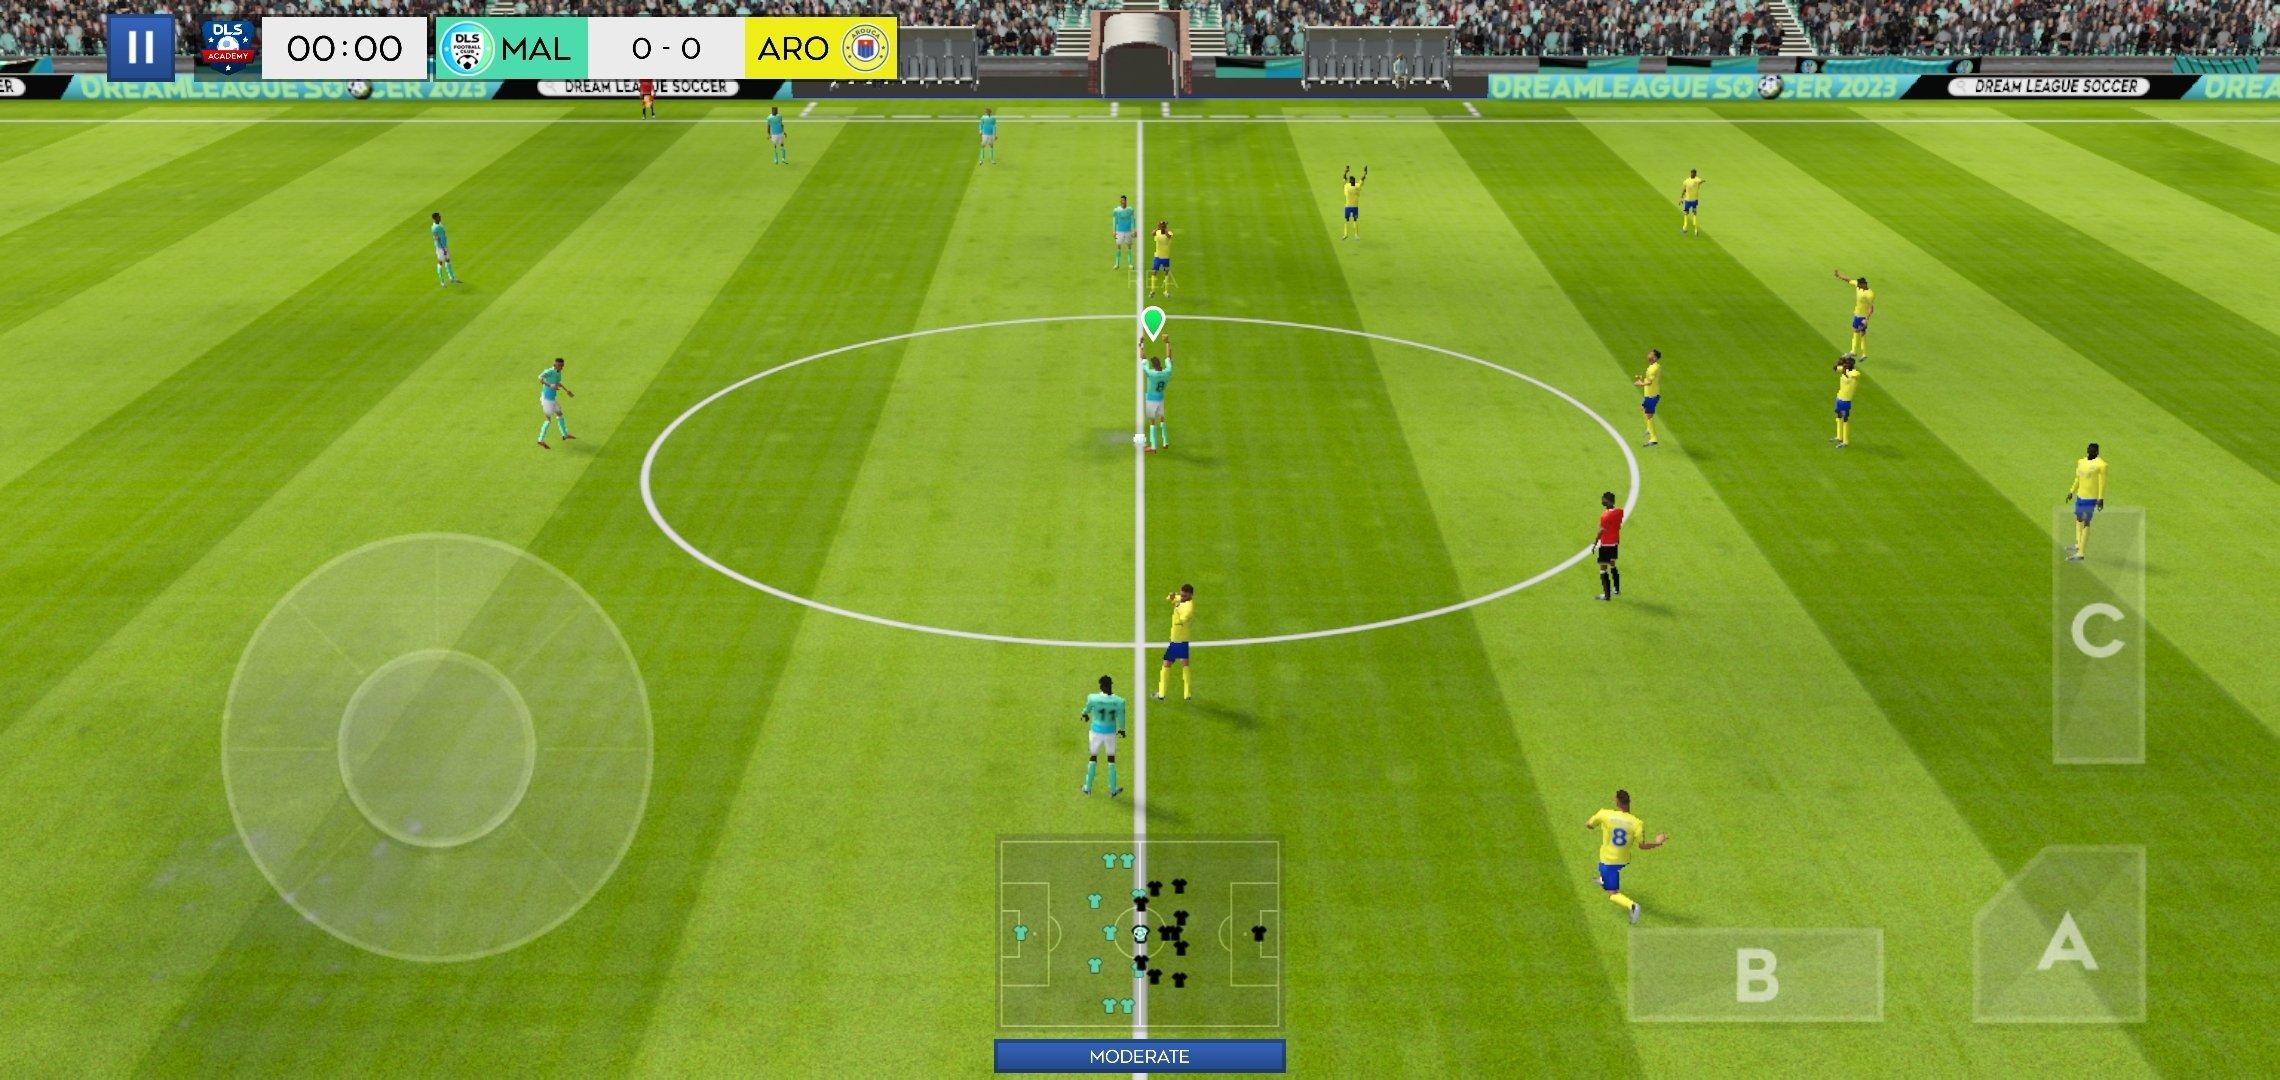 Dream League Soccer 2019 6 05 Descargar Para Android Apk Gratis